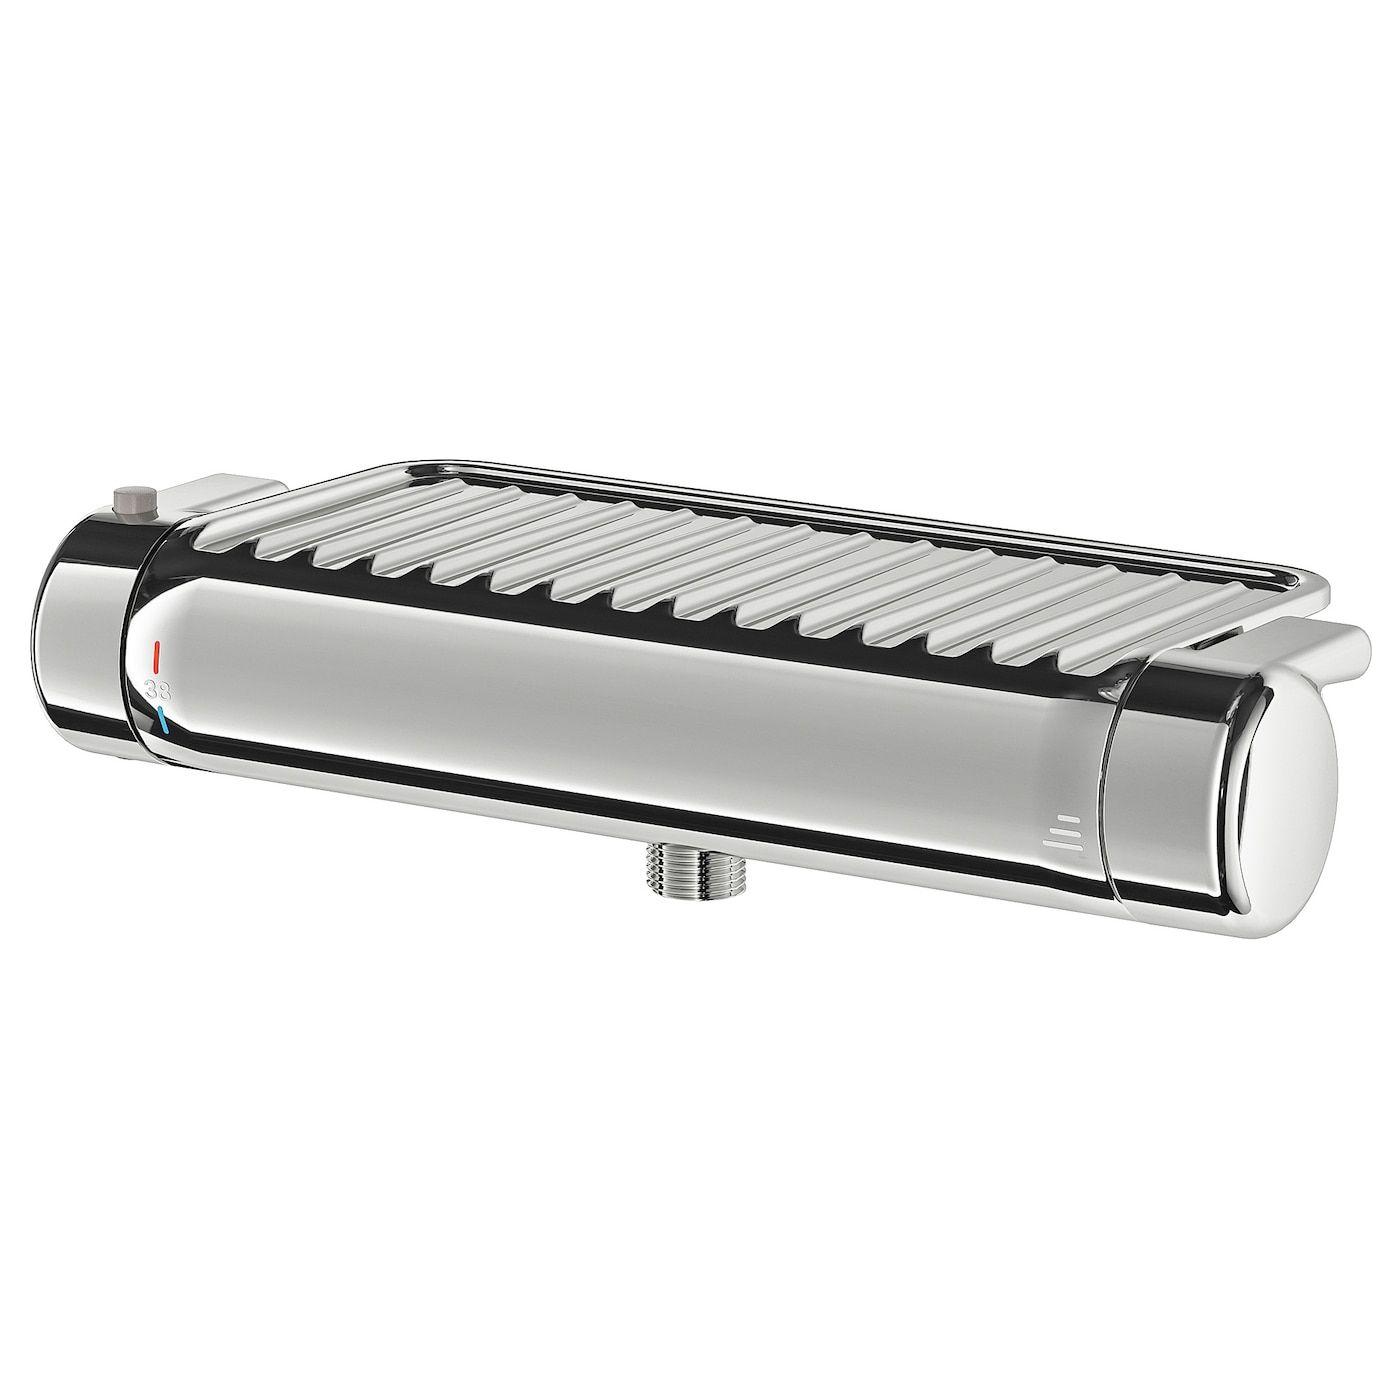 Full Size of Mischbatterie Dusche Voxnan Thermostat Verchromt Ikea Schiebetür Begehbare Ohne Tür Fliesen Walkin Grohe Nischentür Einbauen 90x90 Ebenerdig Ebenerdige Dusche Mischbatterie Dusche